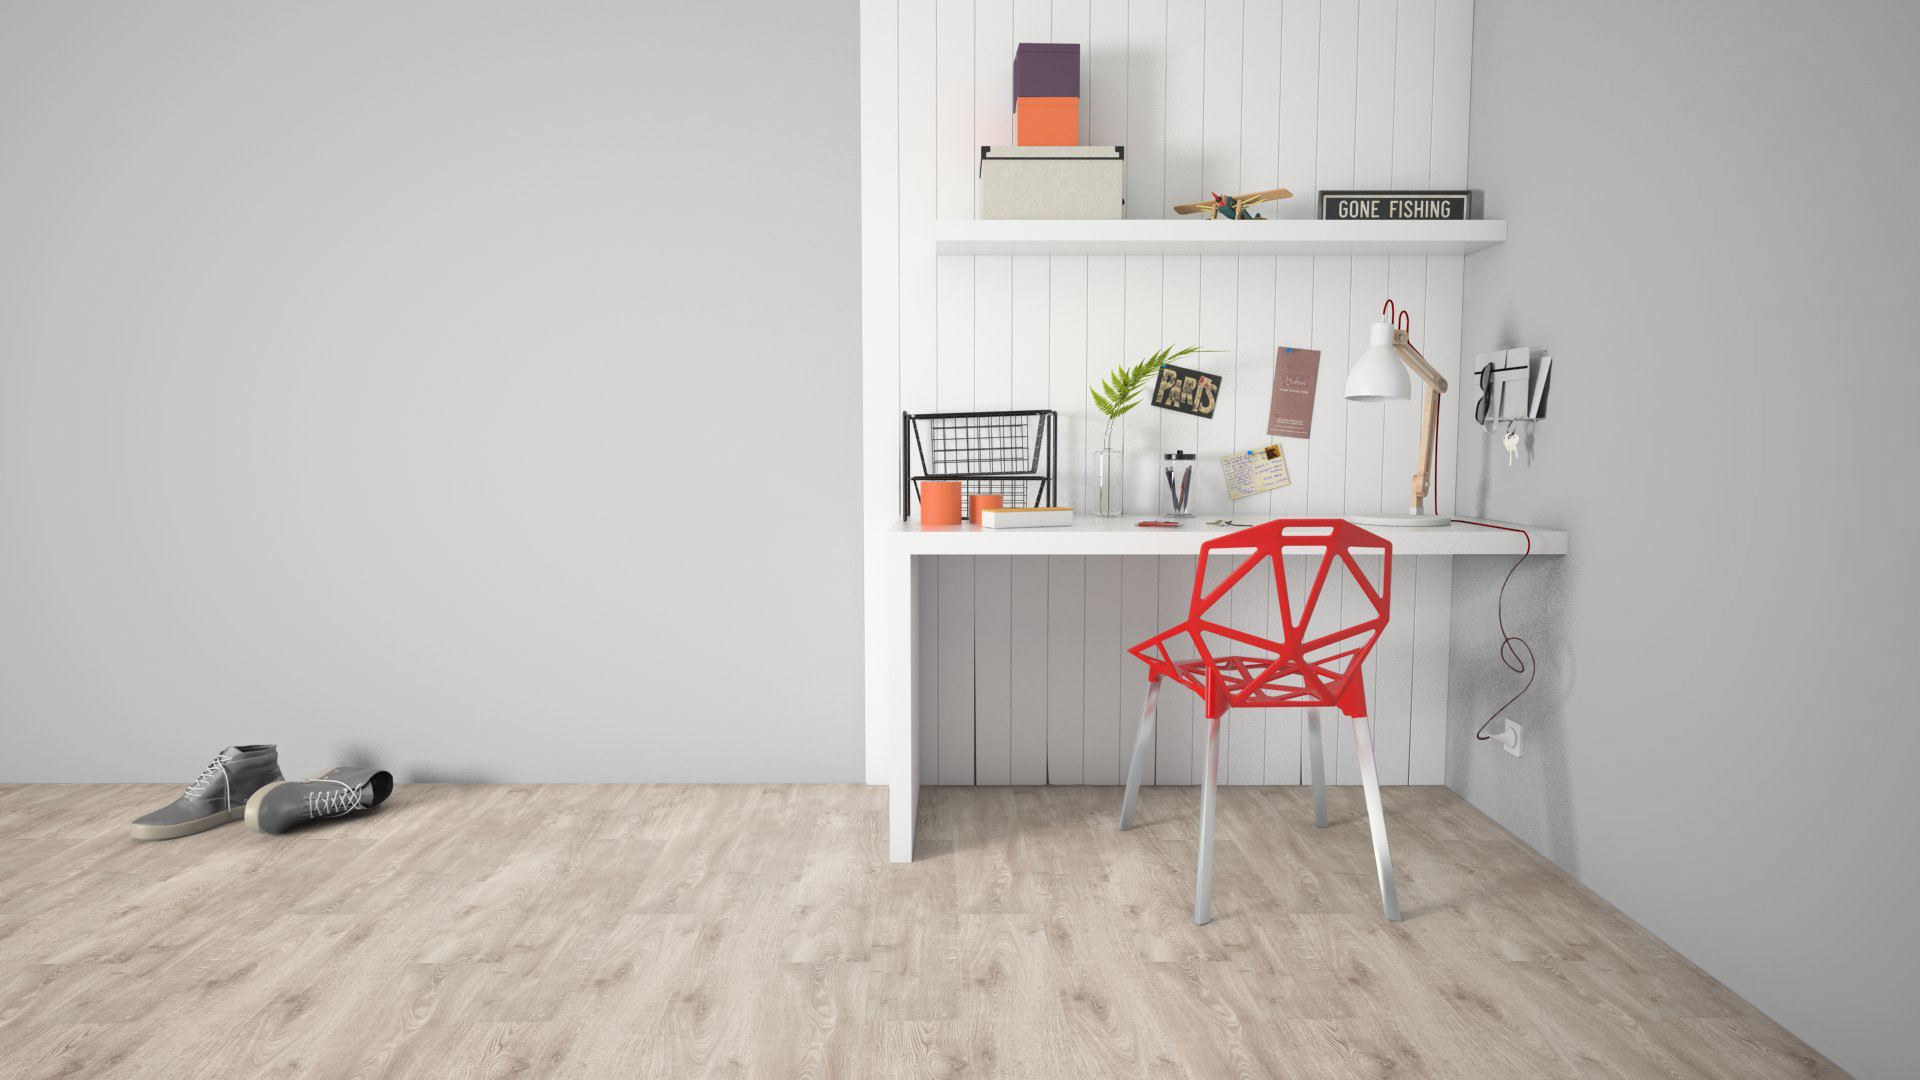 Vinyl vloeren zijn goedkoop mooi en praktisch bij fredparket